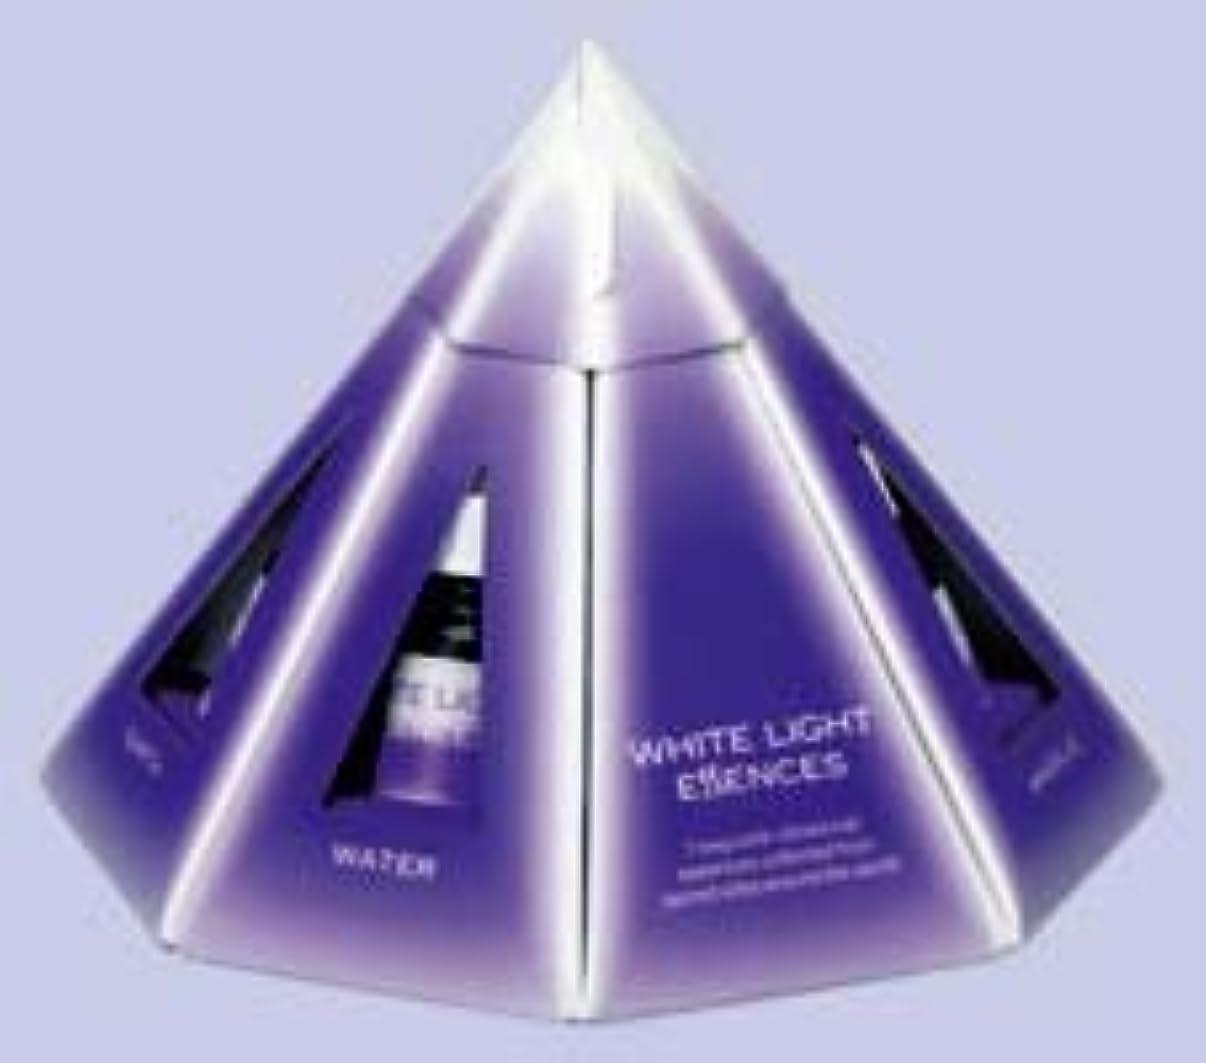 チロ類推オーラルオーストラリアンブッシュ ホワイトライト ピラミッドパック7本セット(CD?和訳入)